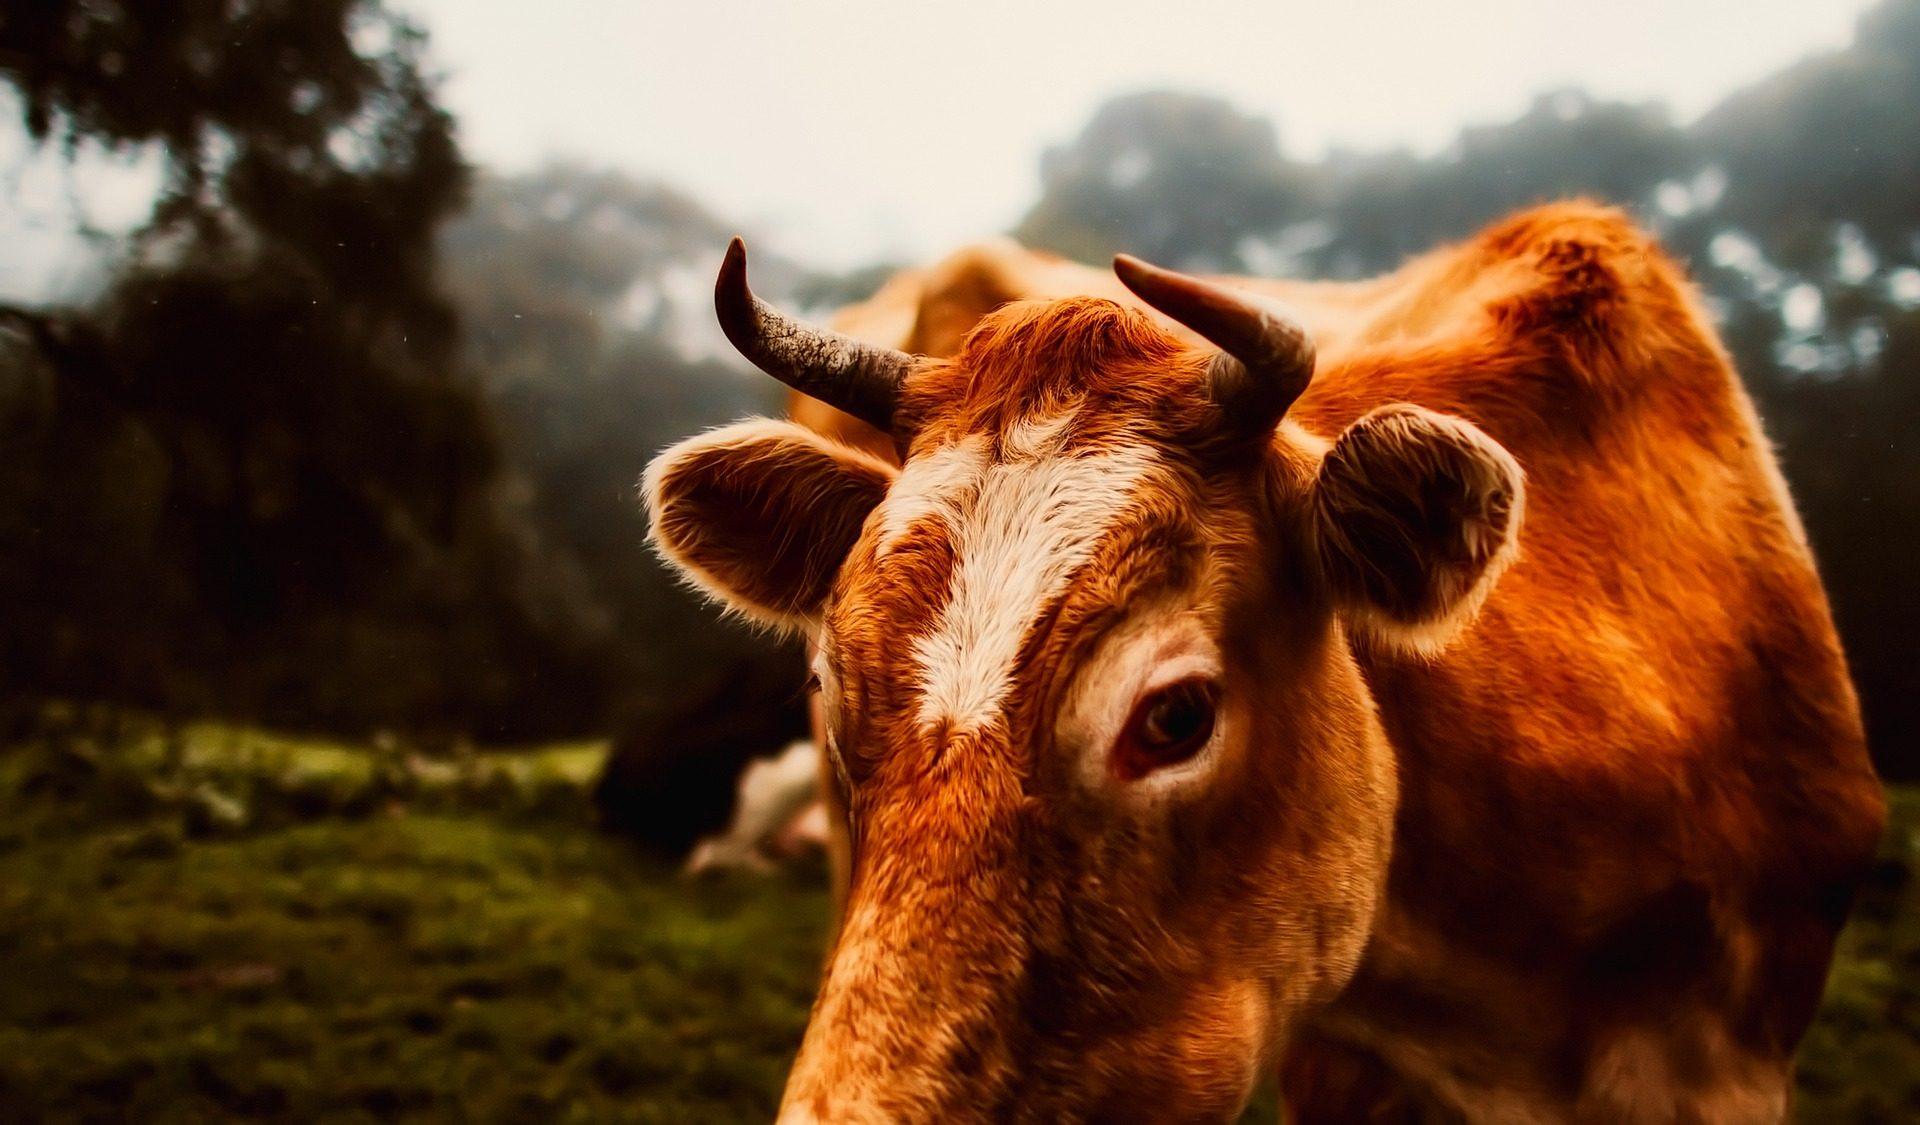 牛, 角, 毛皮, 外観, フィールド, に関しては - HD の壁紙 - 教授-falken.com